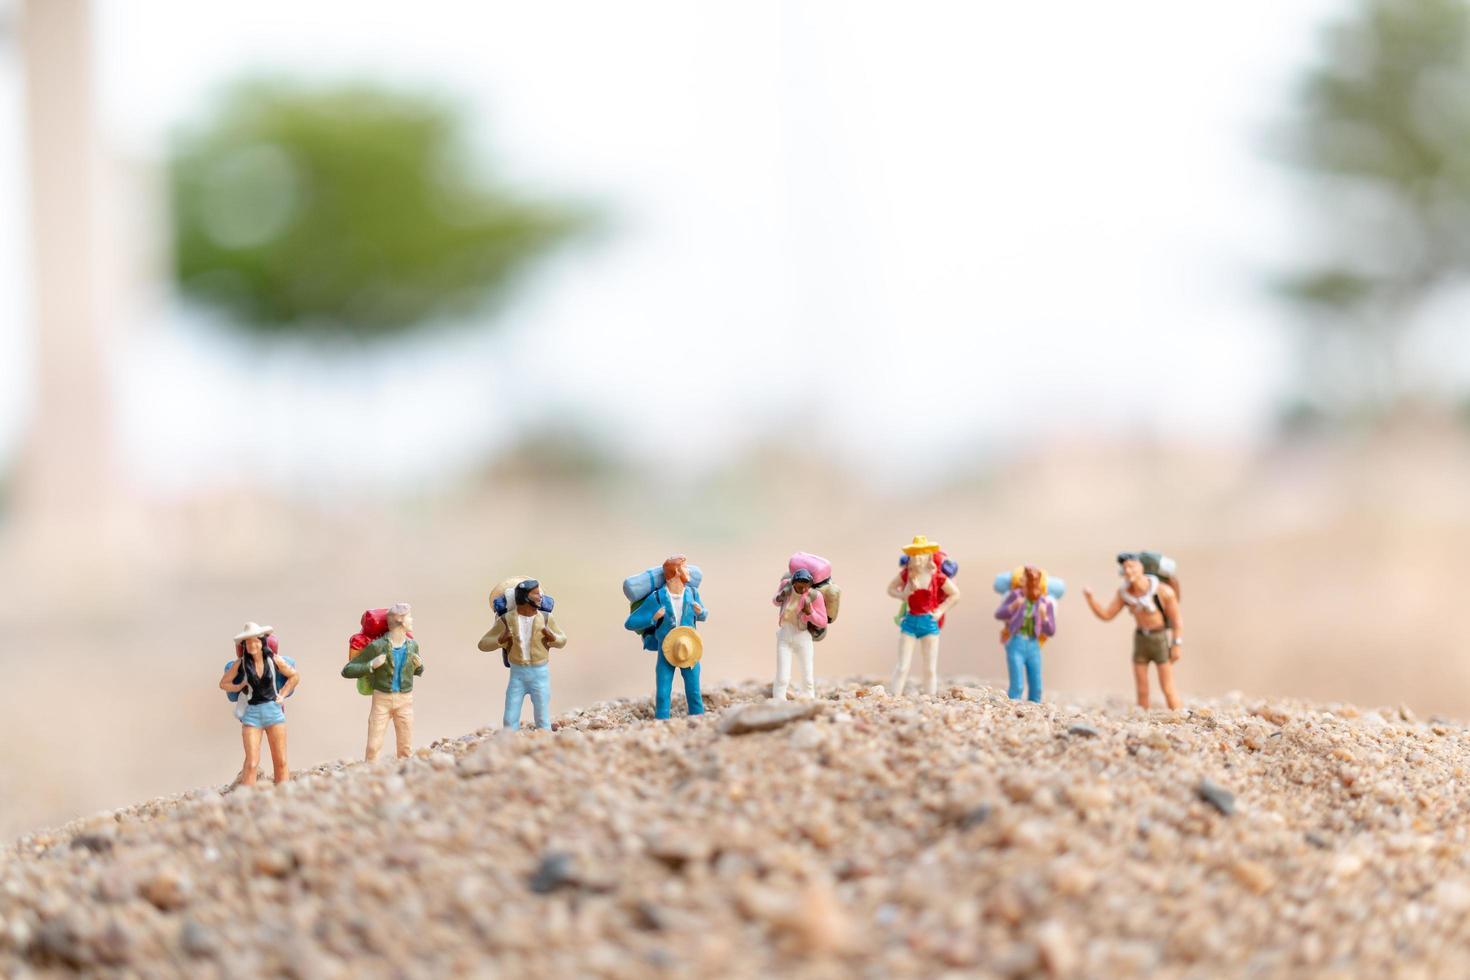 miniatuurreizigers met rugzakken die op zand, reis en avontuurconcept lopen foto